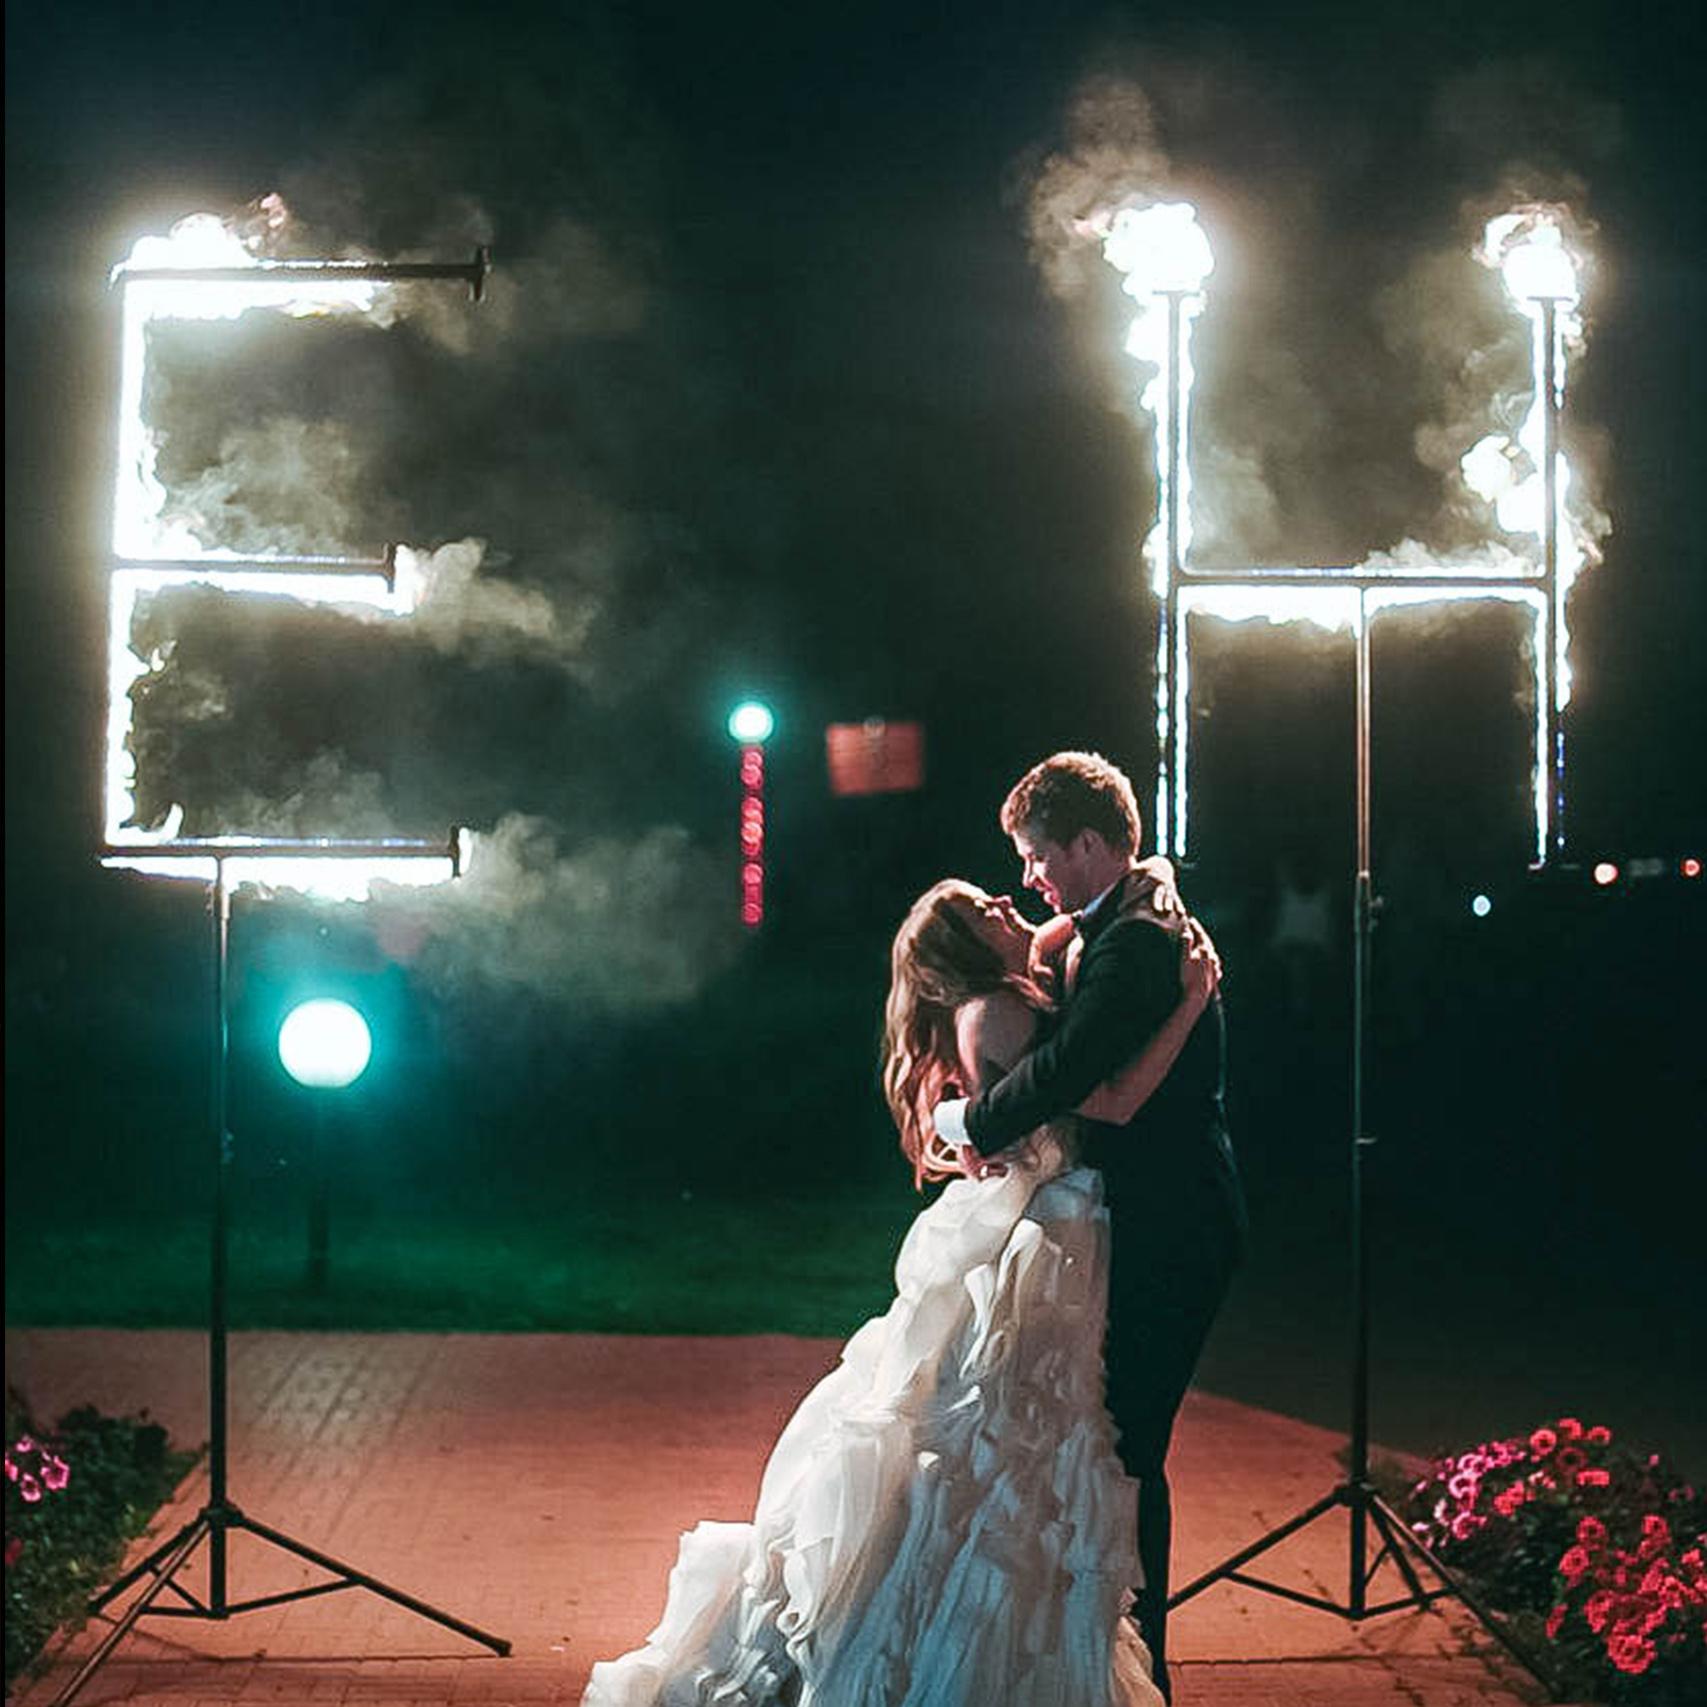 свадебная пара обнимается на фоне огромных огненных букв